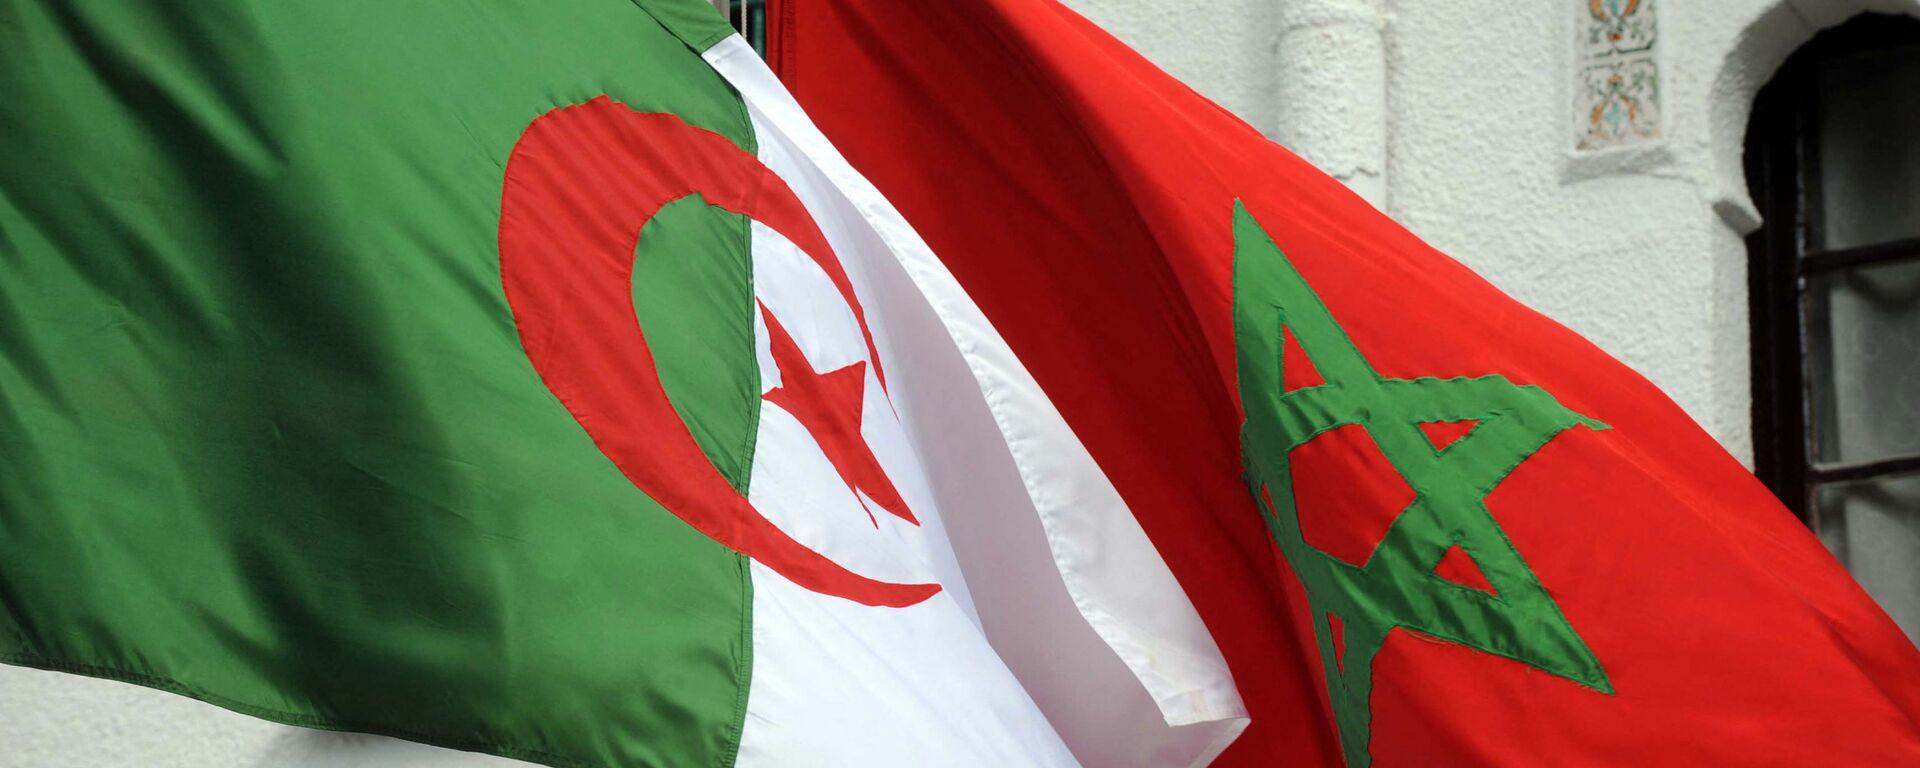 Drapeaux de l'Algérie et du Maroc - Sputnik France, 1920, 27.04.2021